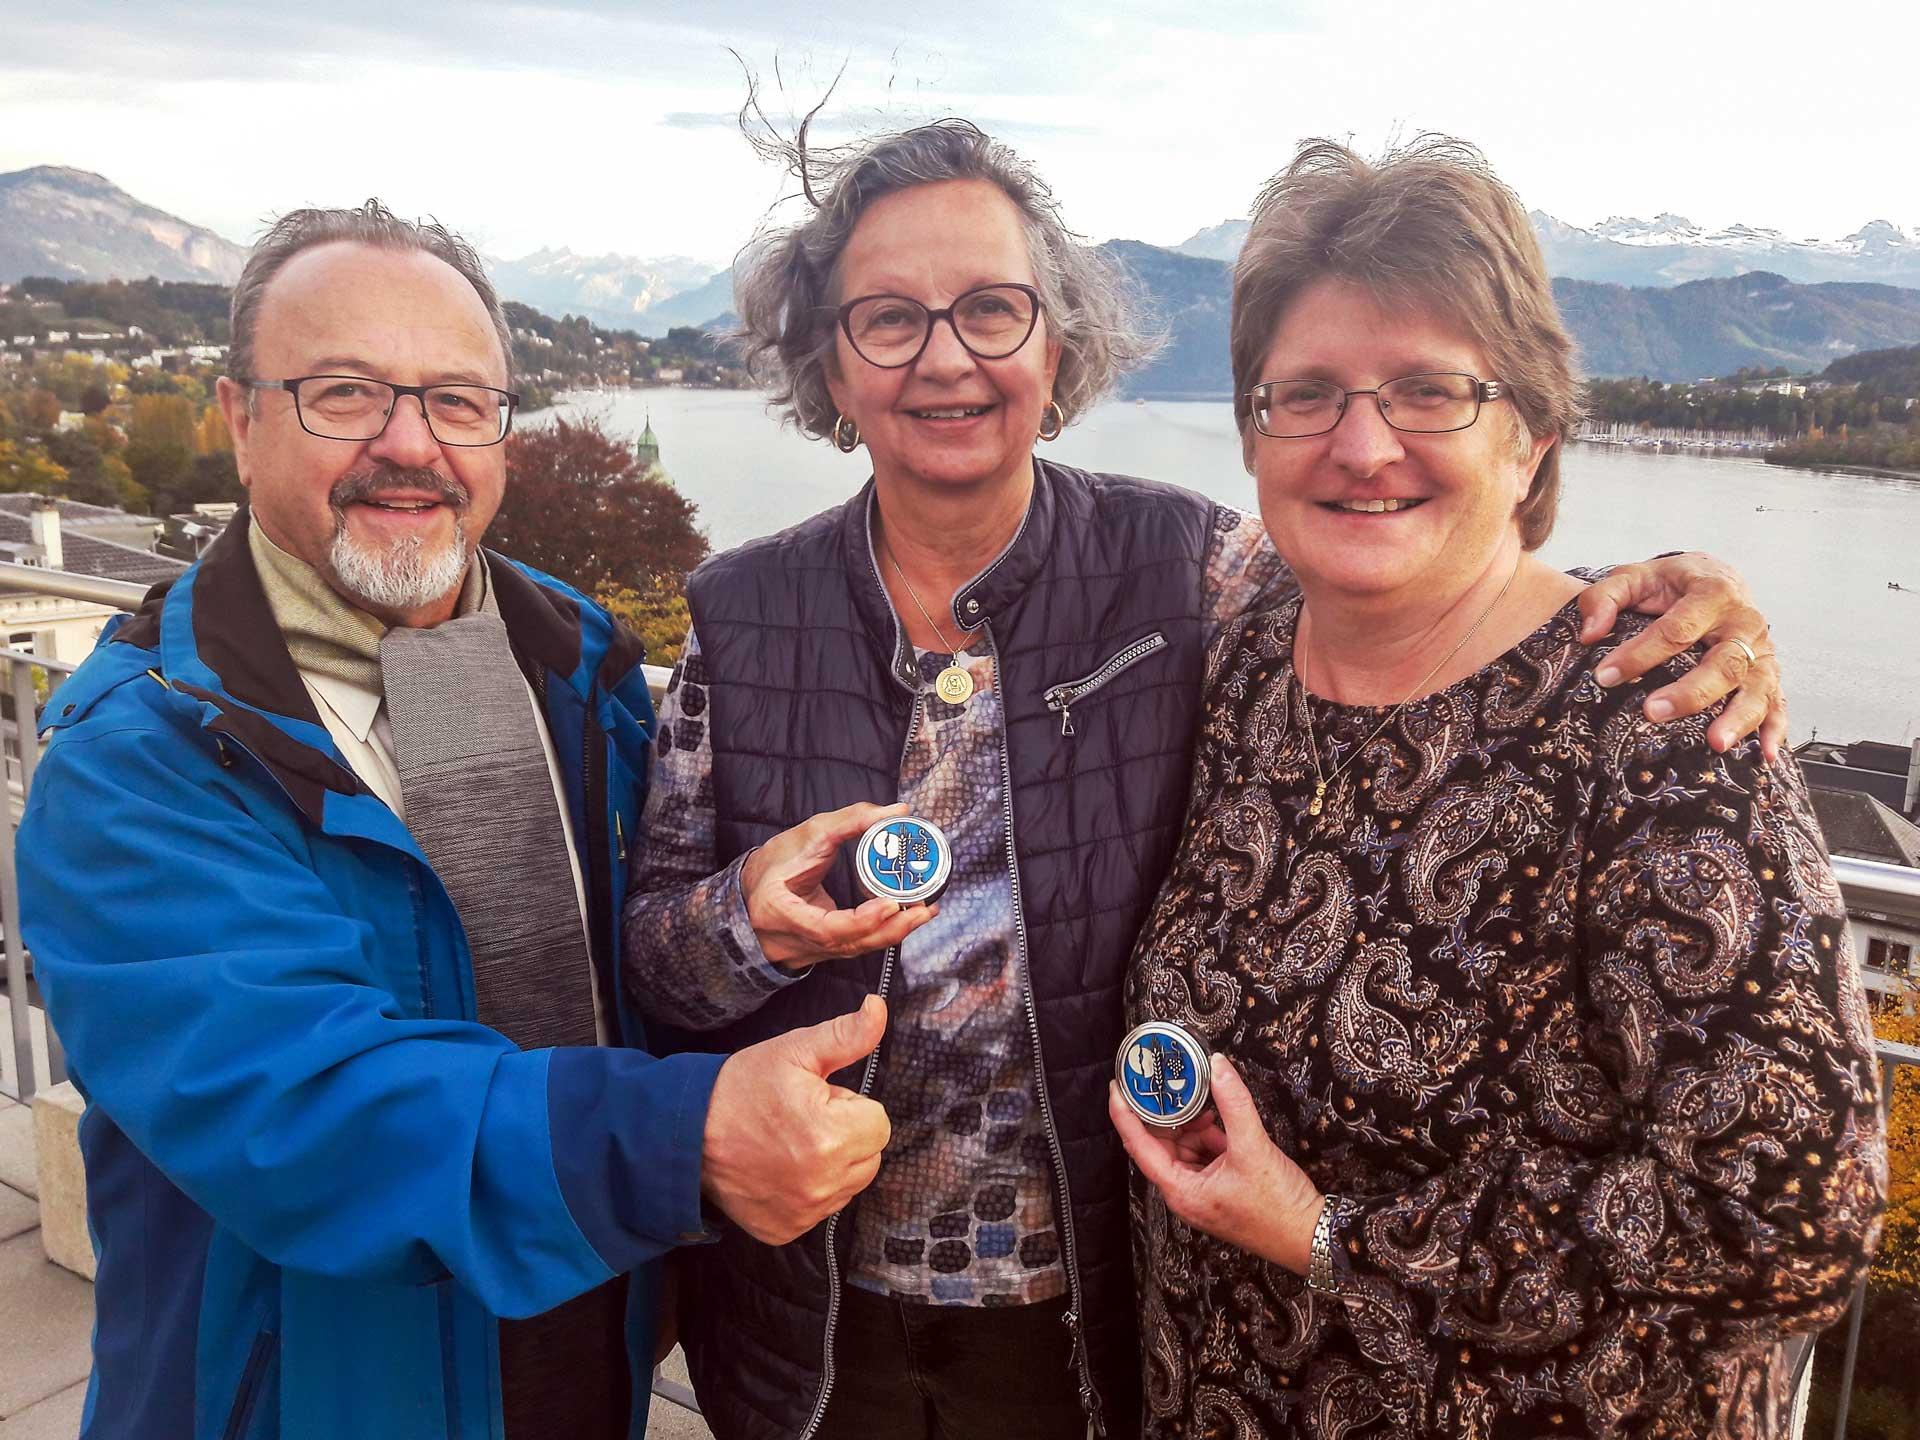 Die neuen Kommunionspenderinnen Maja Hodel (Mitte) und Priska Gundi mit Gehörlosenseelsorger P. Christian Lorenz. | © 2021 Bruno Hübscher